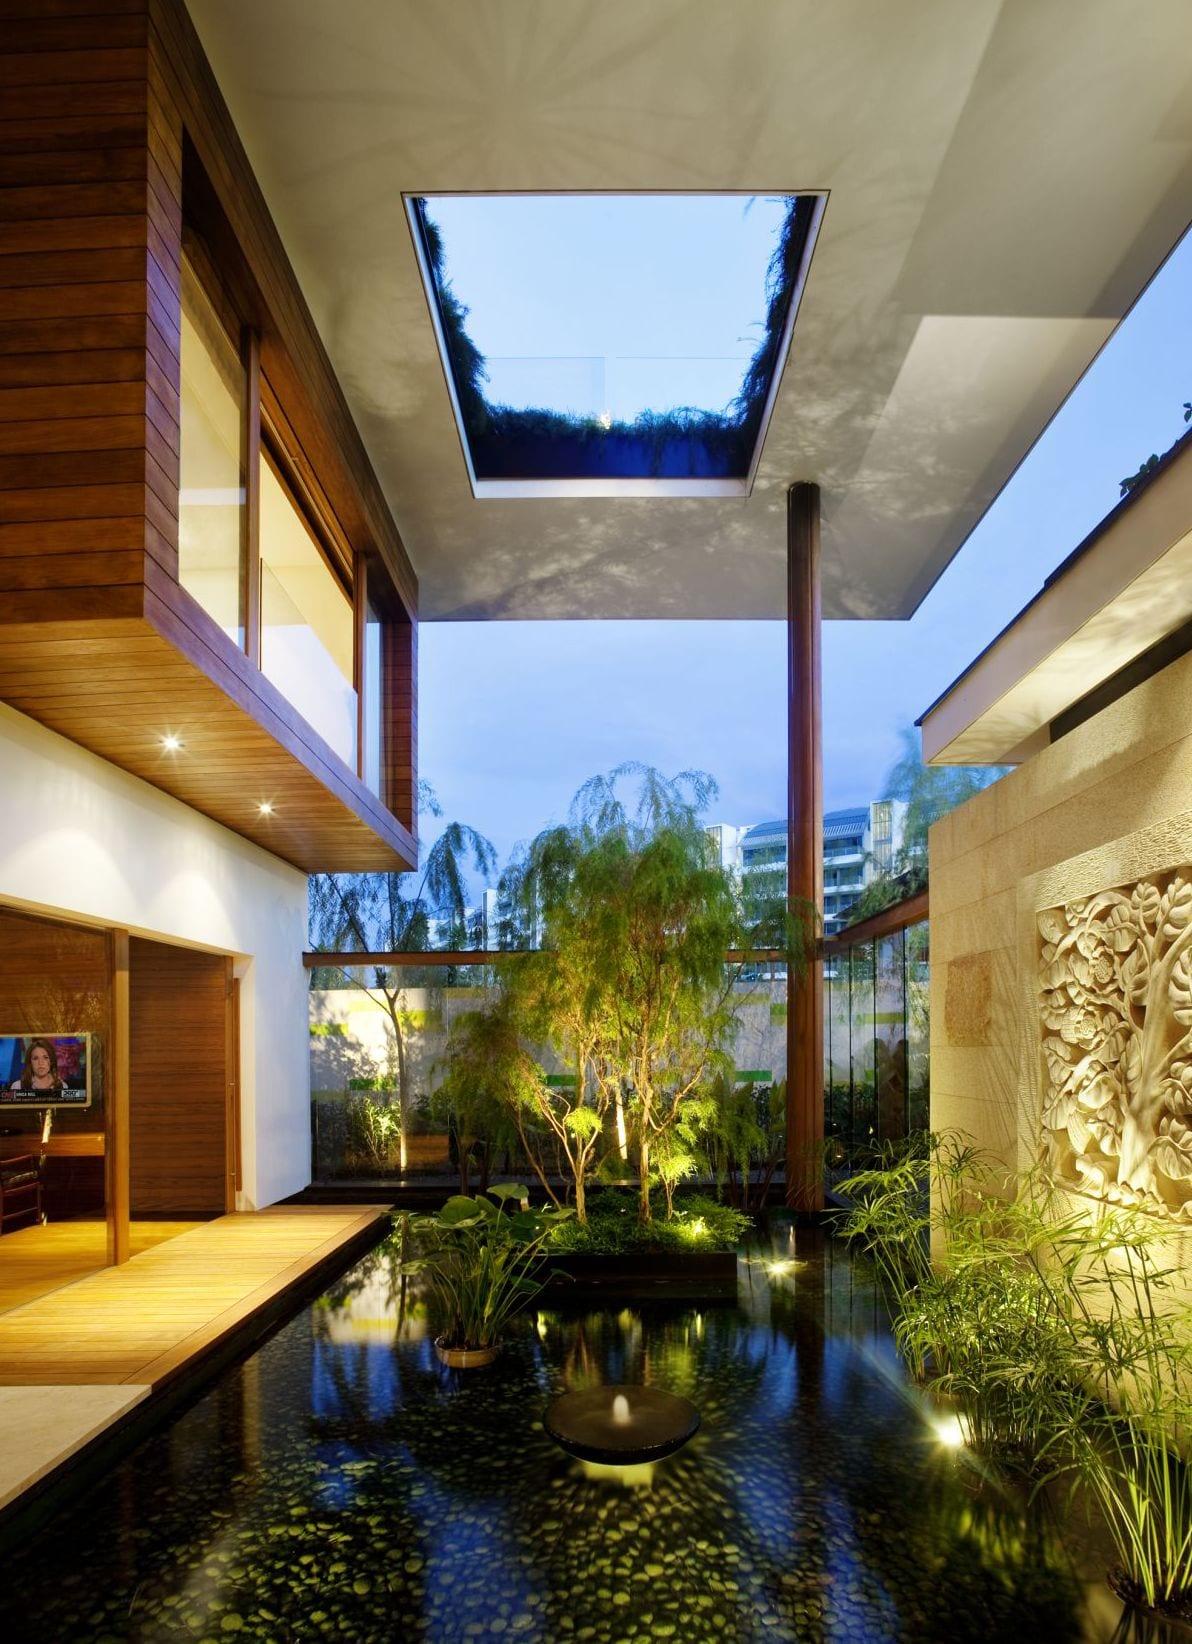 Garten im Haus - moderne Häuser mit Gartengestaltungsideen - fresHouse